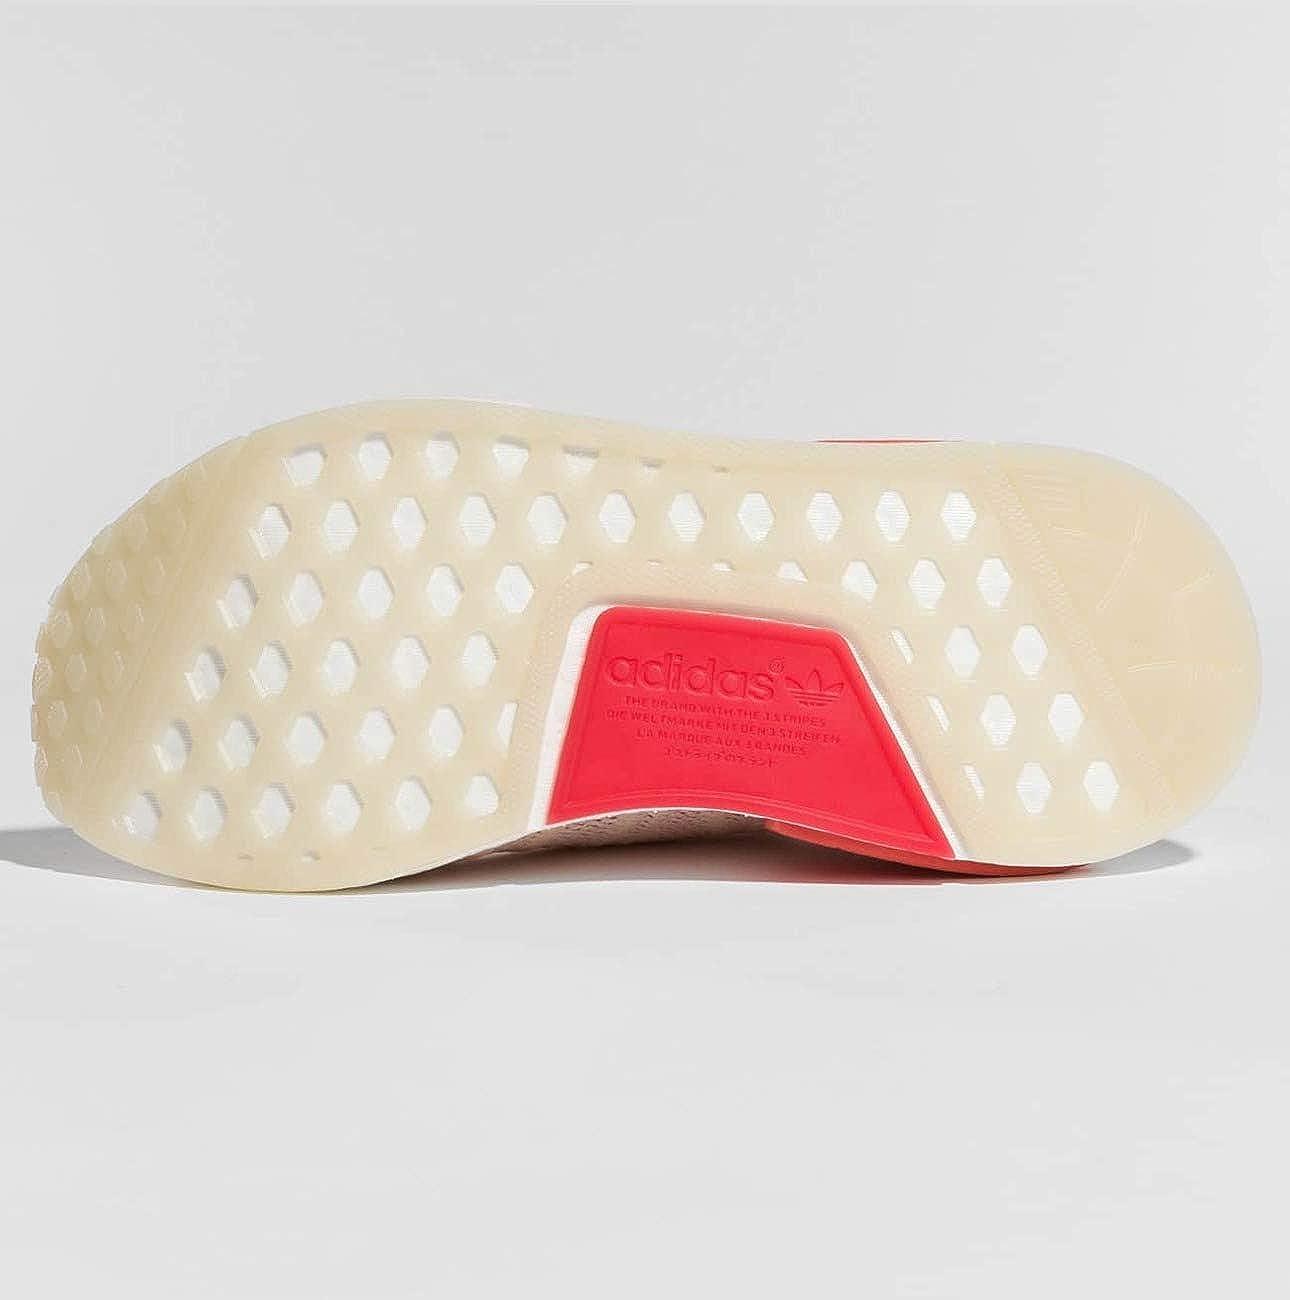 Donna   Uomo Uomo Uomo adidas NMD_r1 Stlt Primeknit, scarpe da ginnastica Donna caratteristica una grande varietà Promozione dello shopping   Ricca consegna puntuale  1f67a4